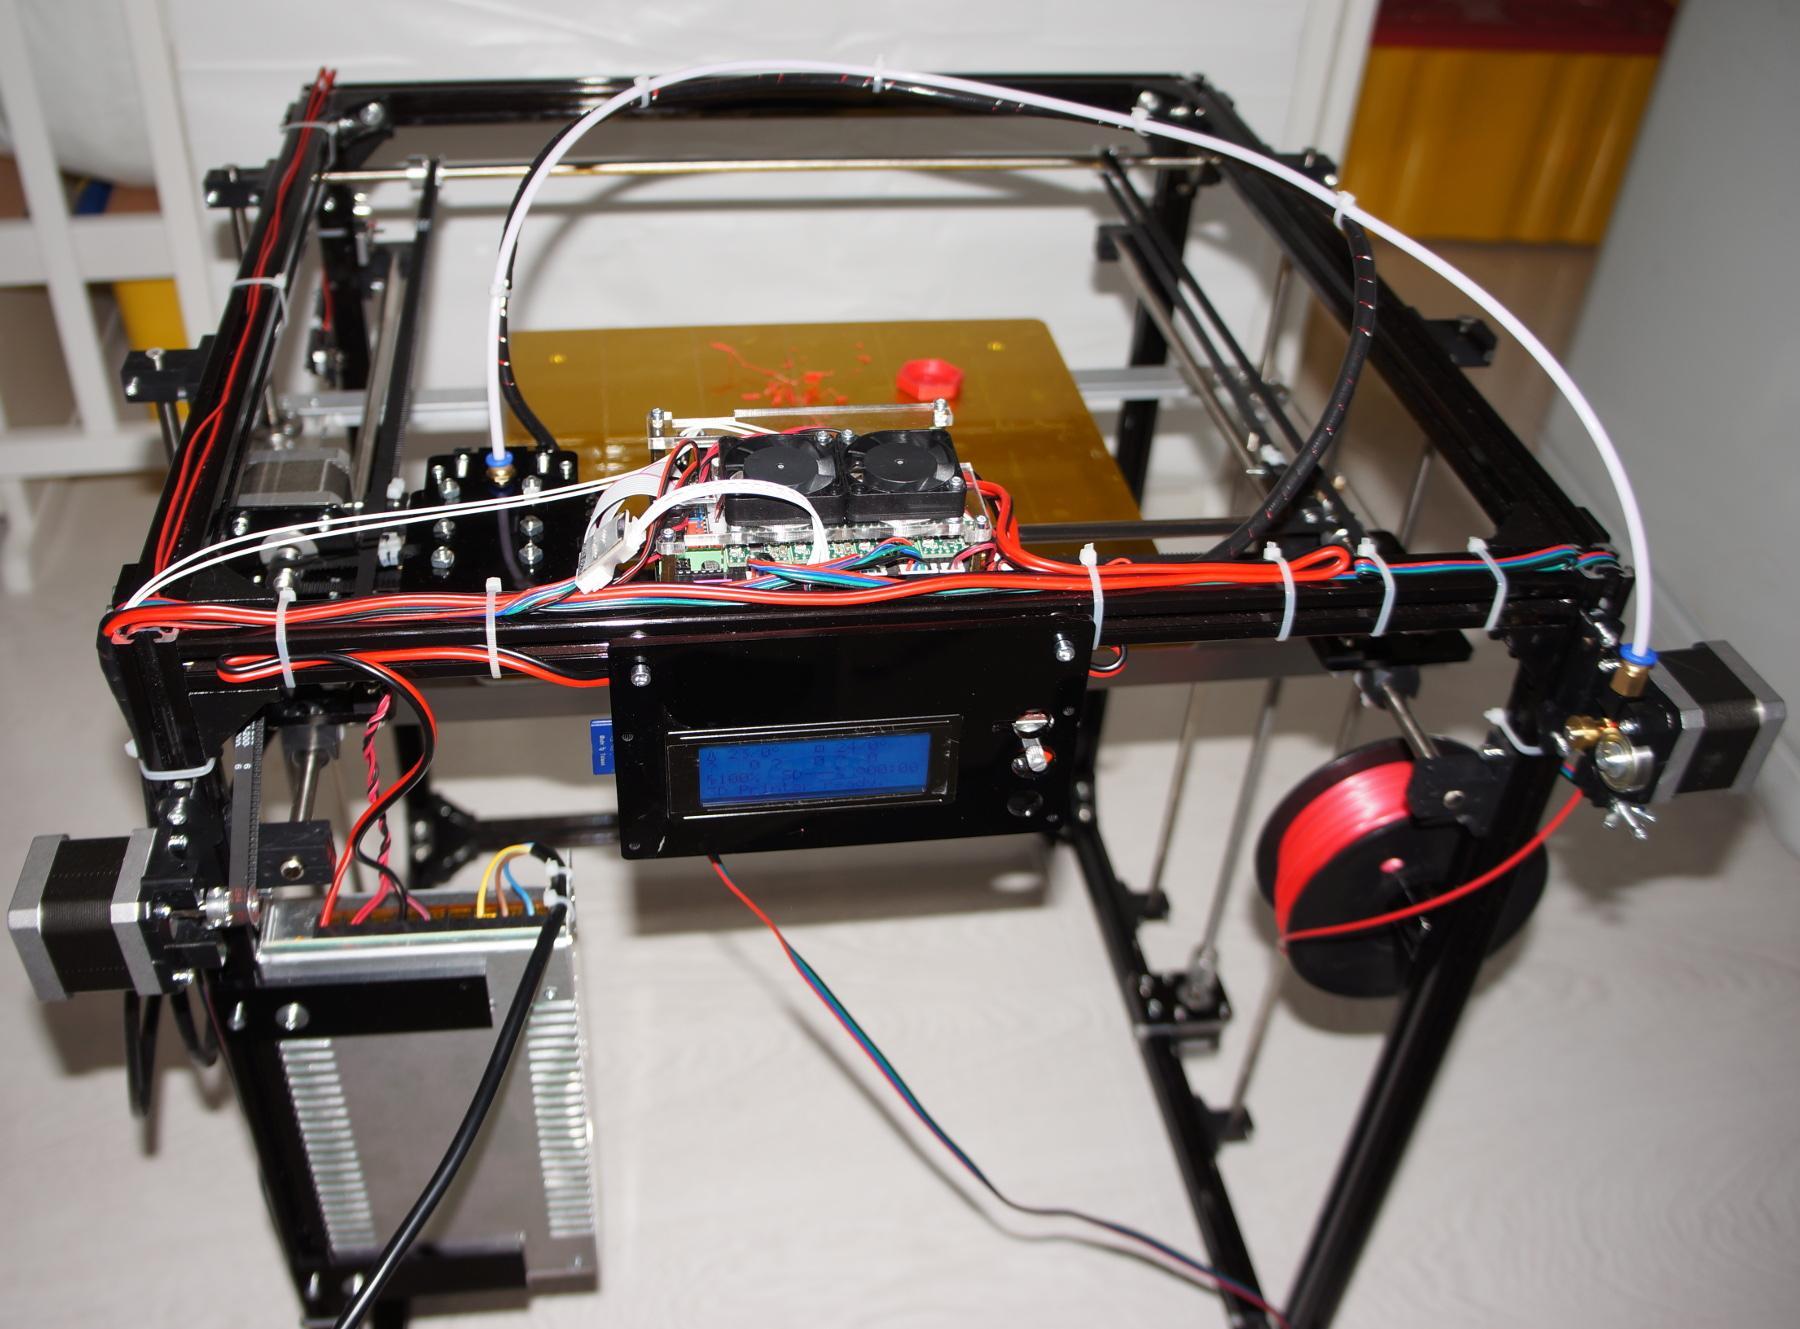 Обзор принтера от flsun с большой областью печати - 6